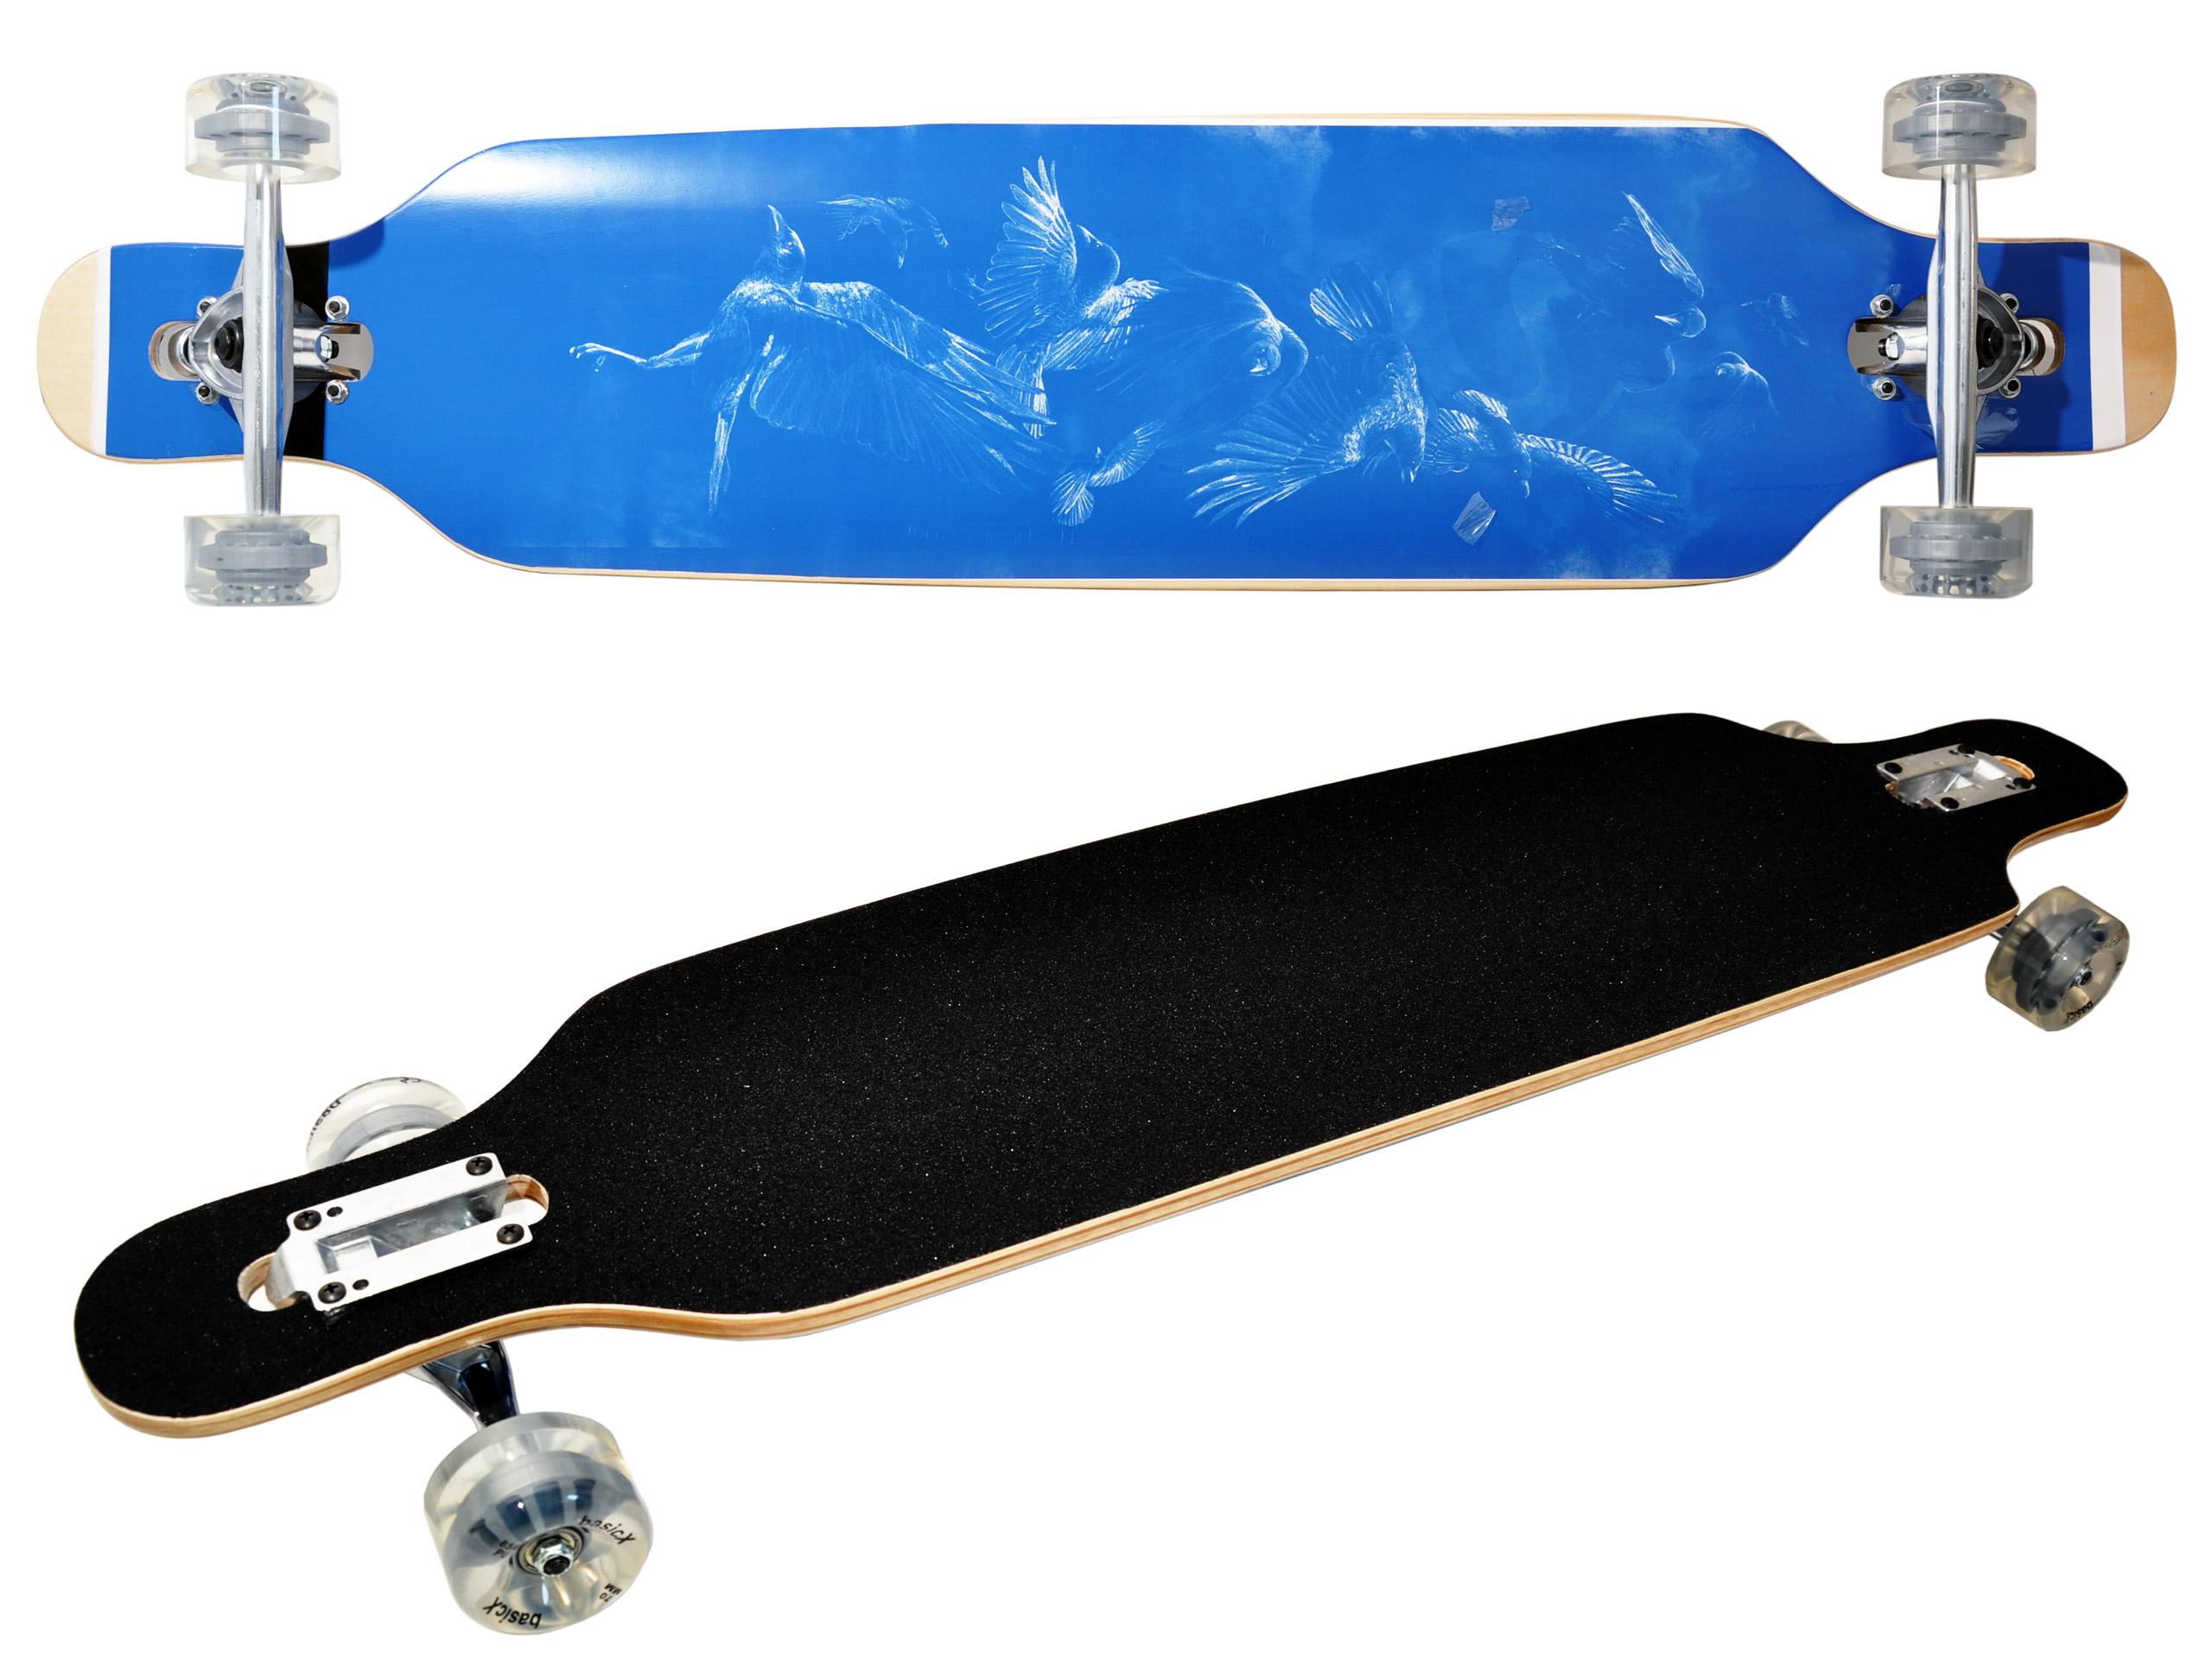 Longboard Drop-Through Skateboard ABEC-7 PU 85A